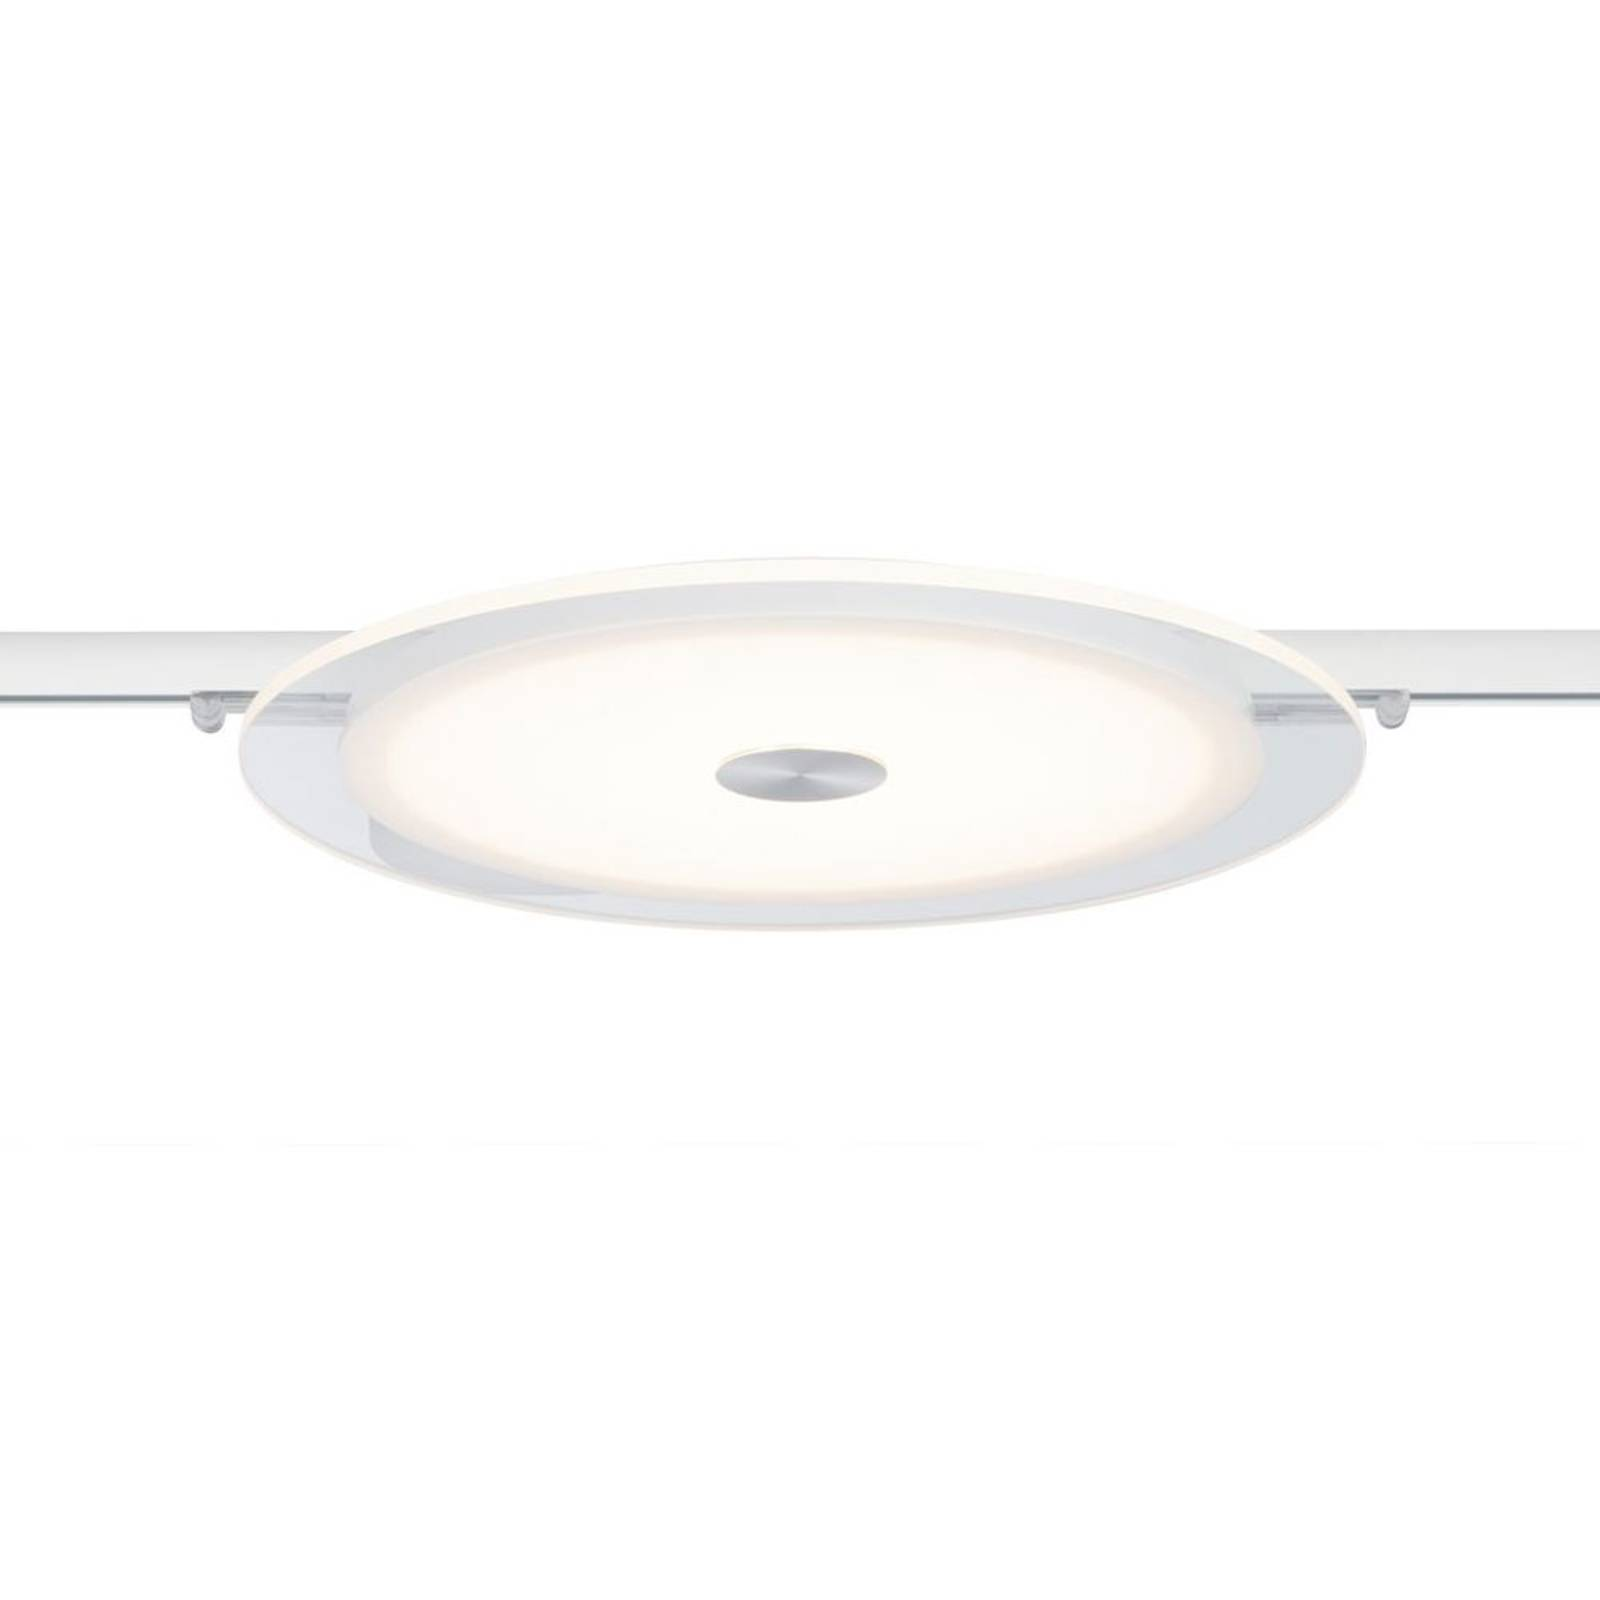 Paulmann NanoRail Luno -LED-paneeli valkoinen